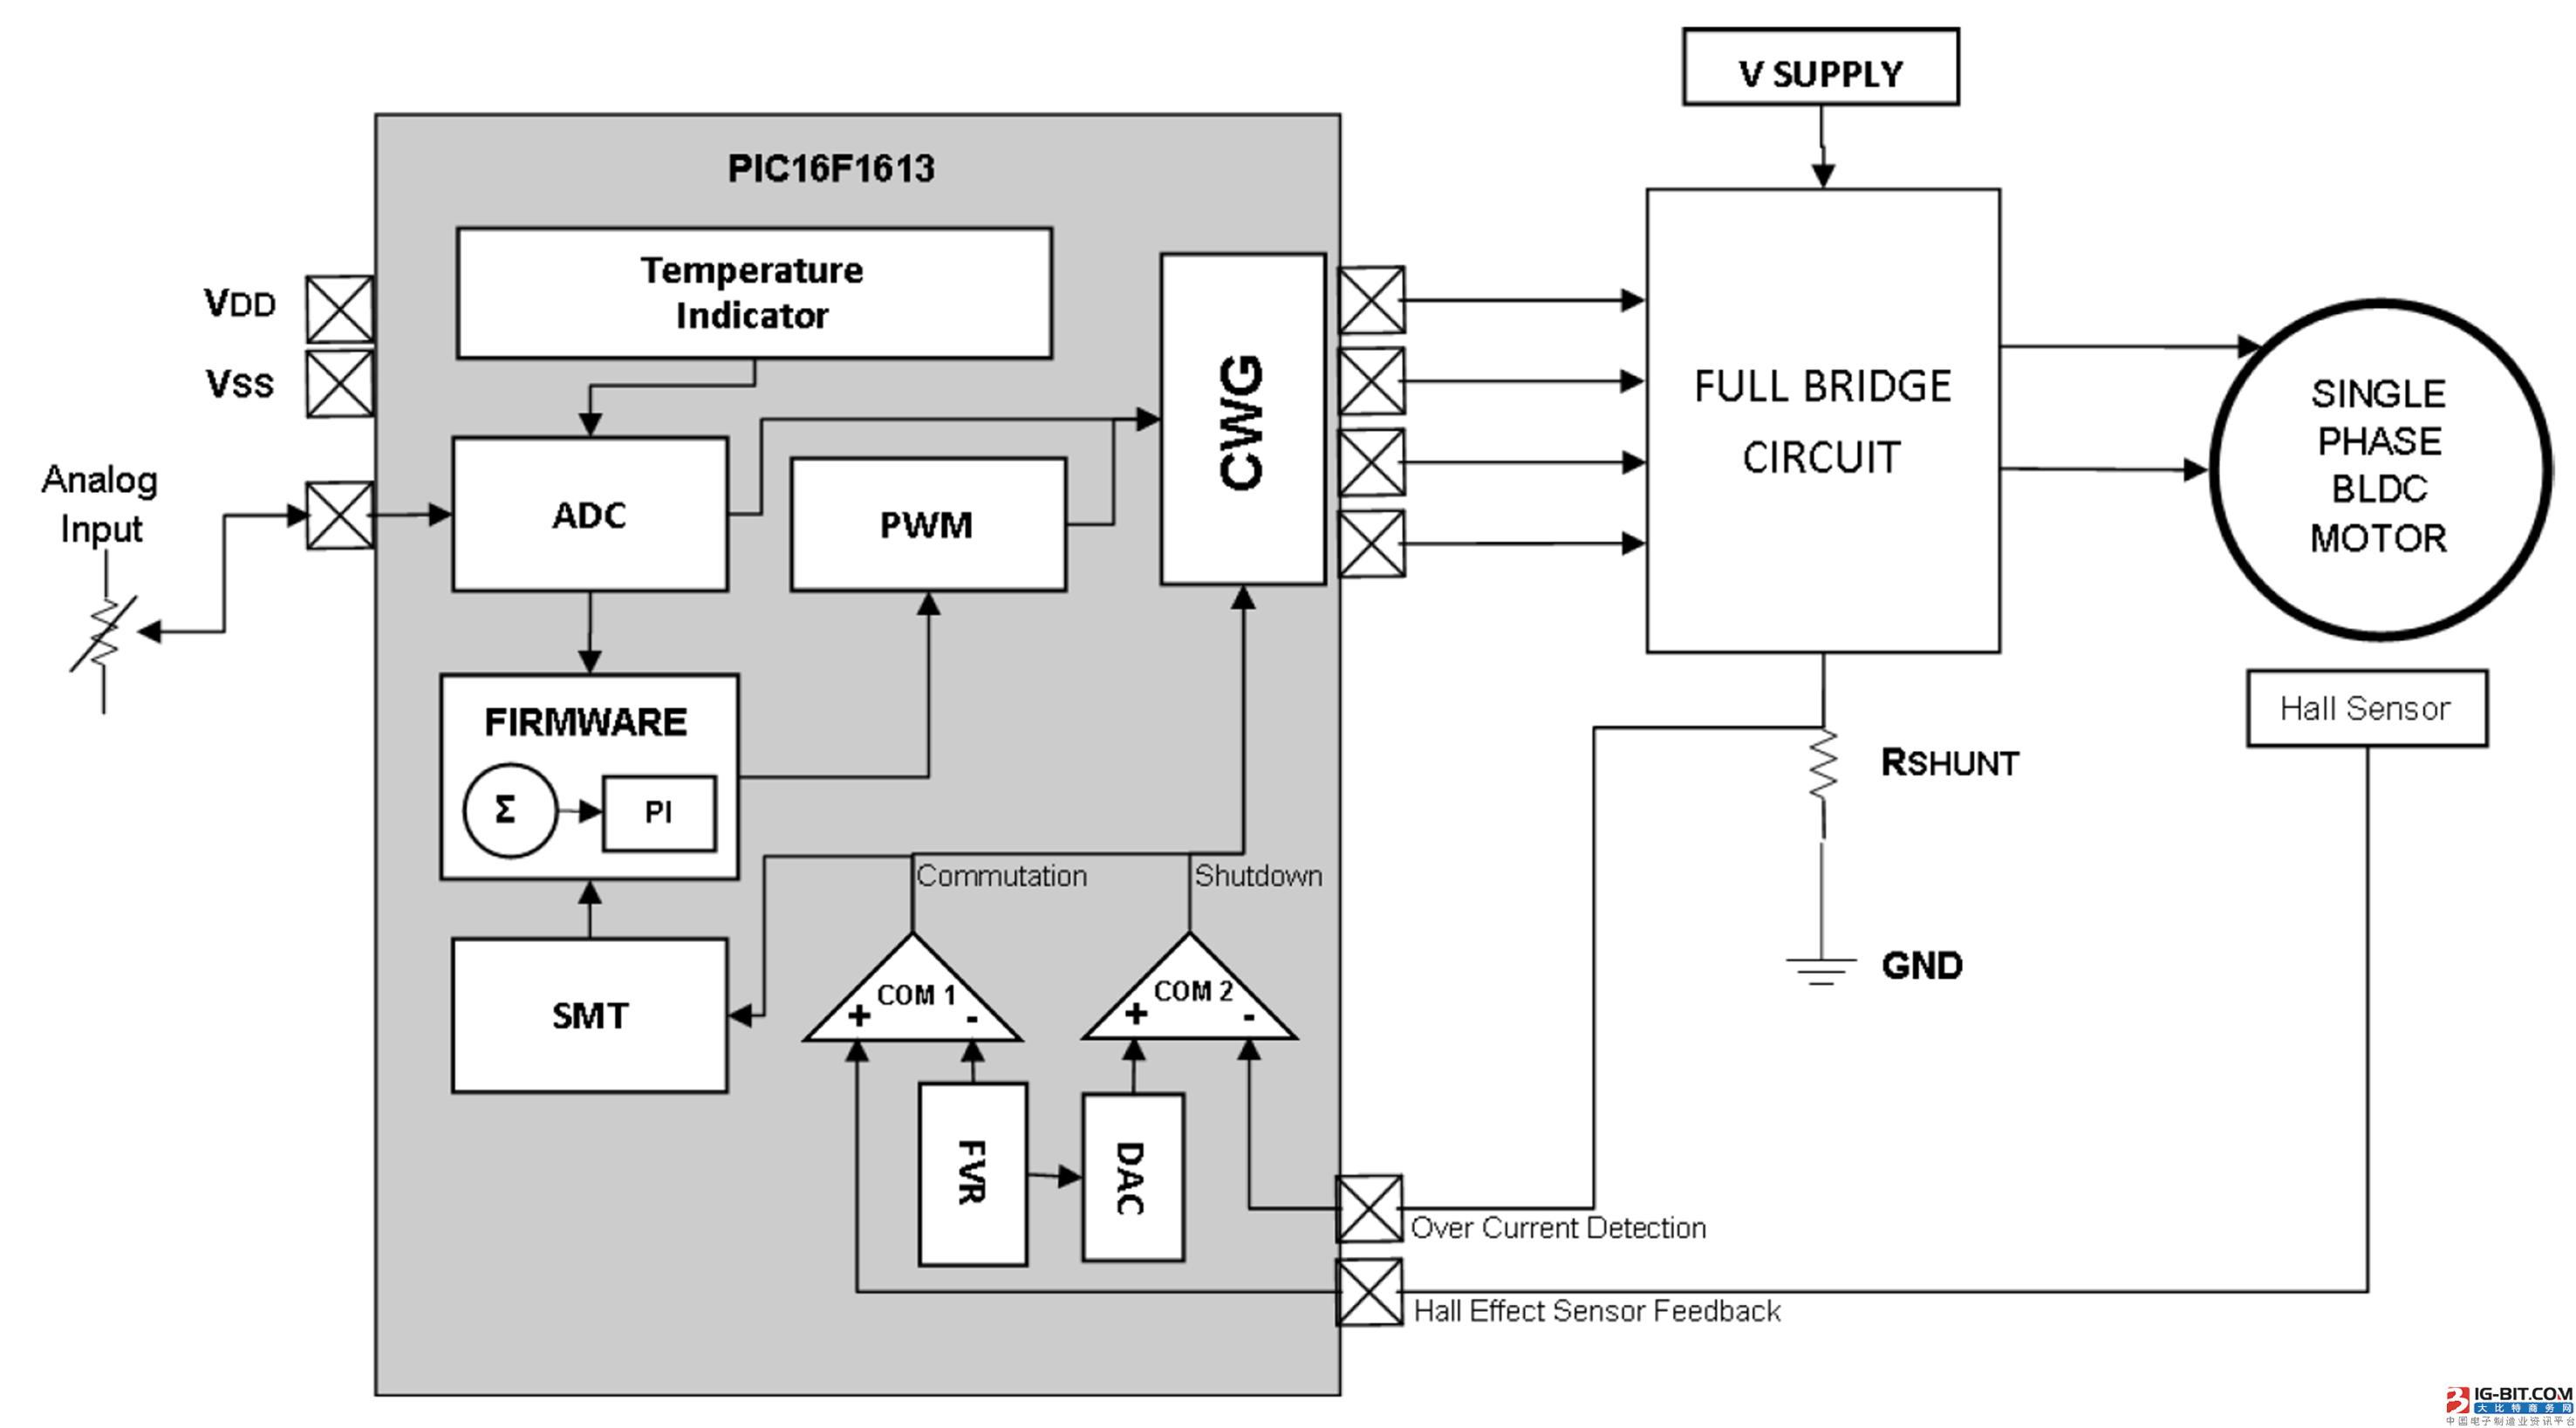 图1:单相BLDC驱动器框图